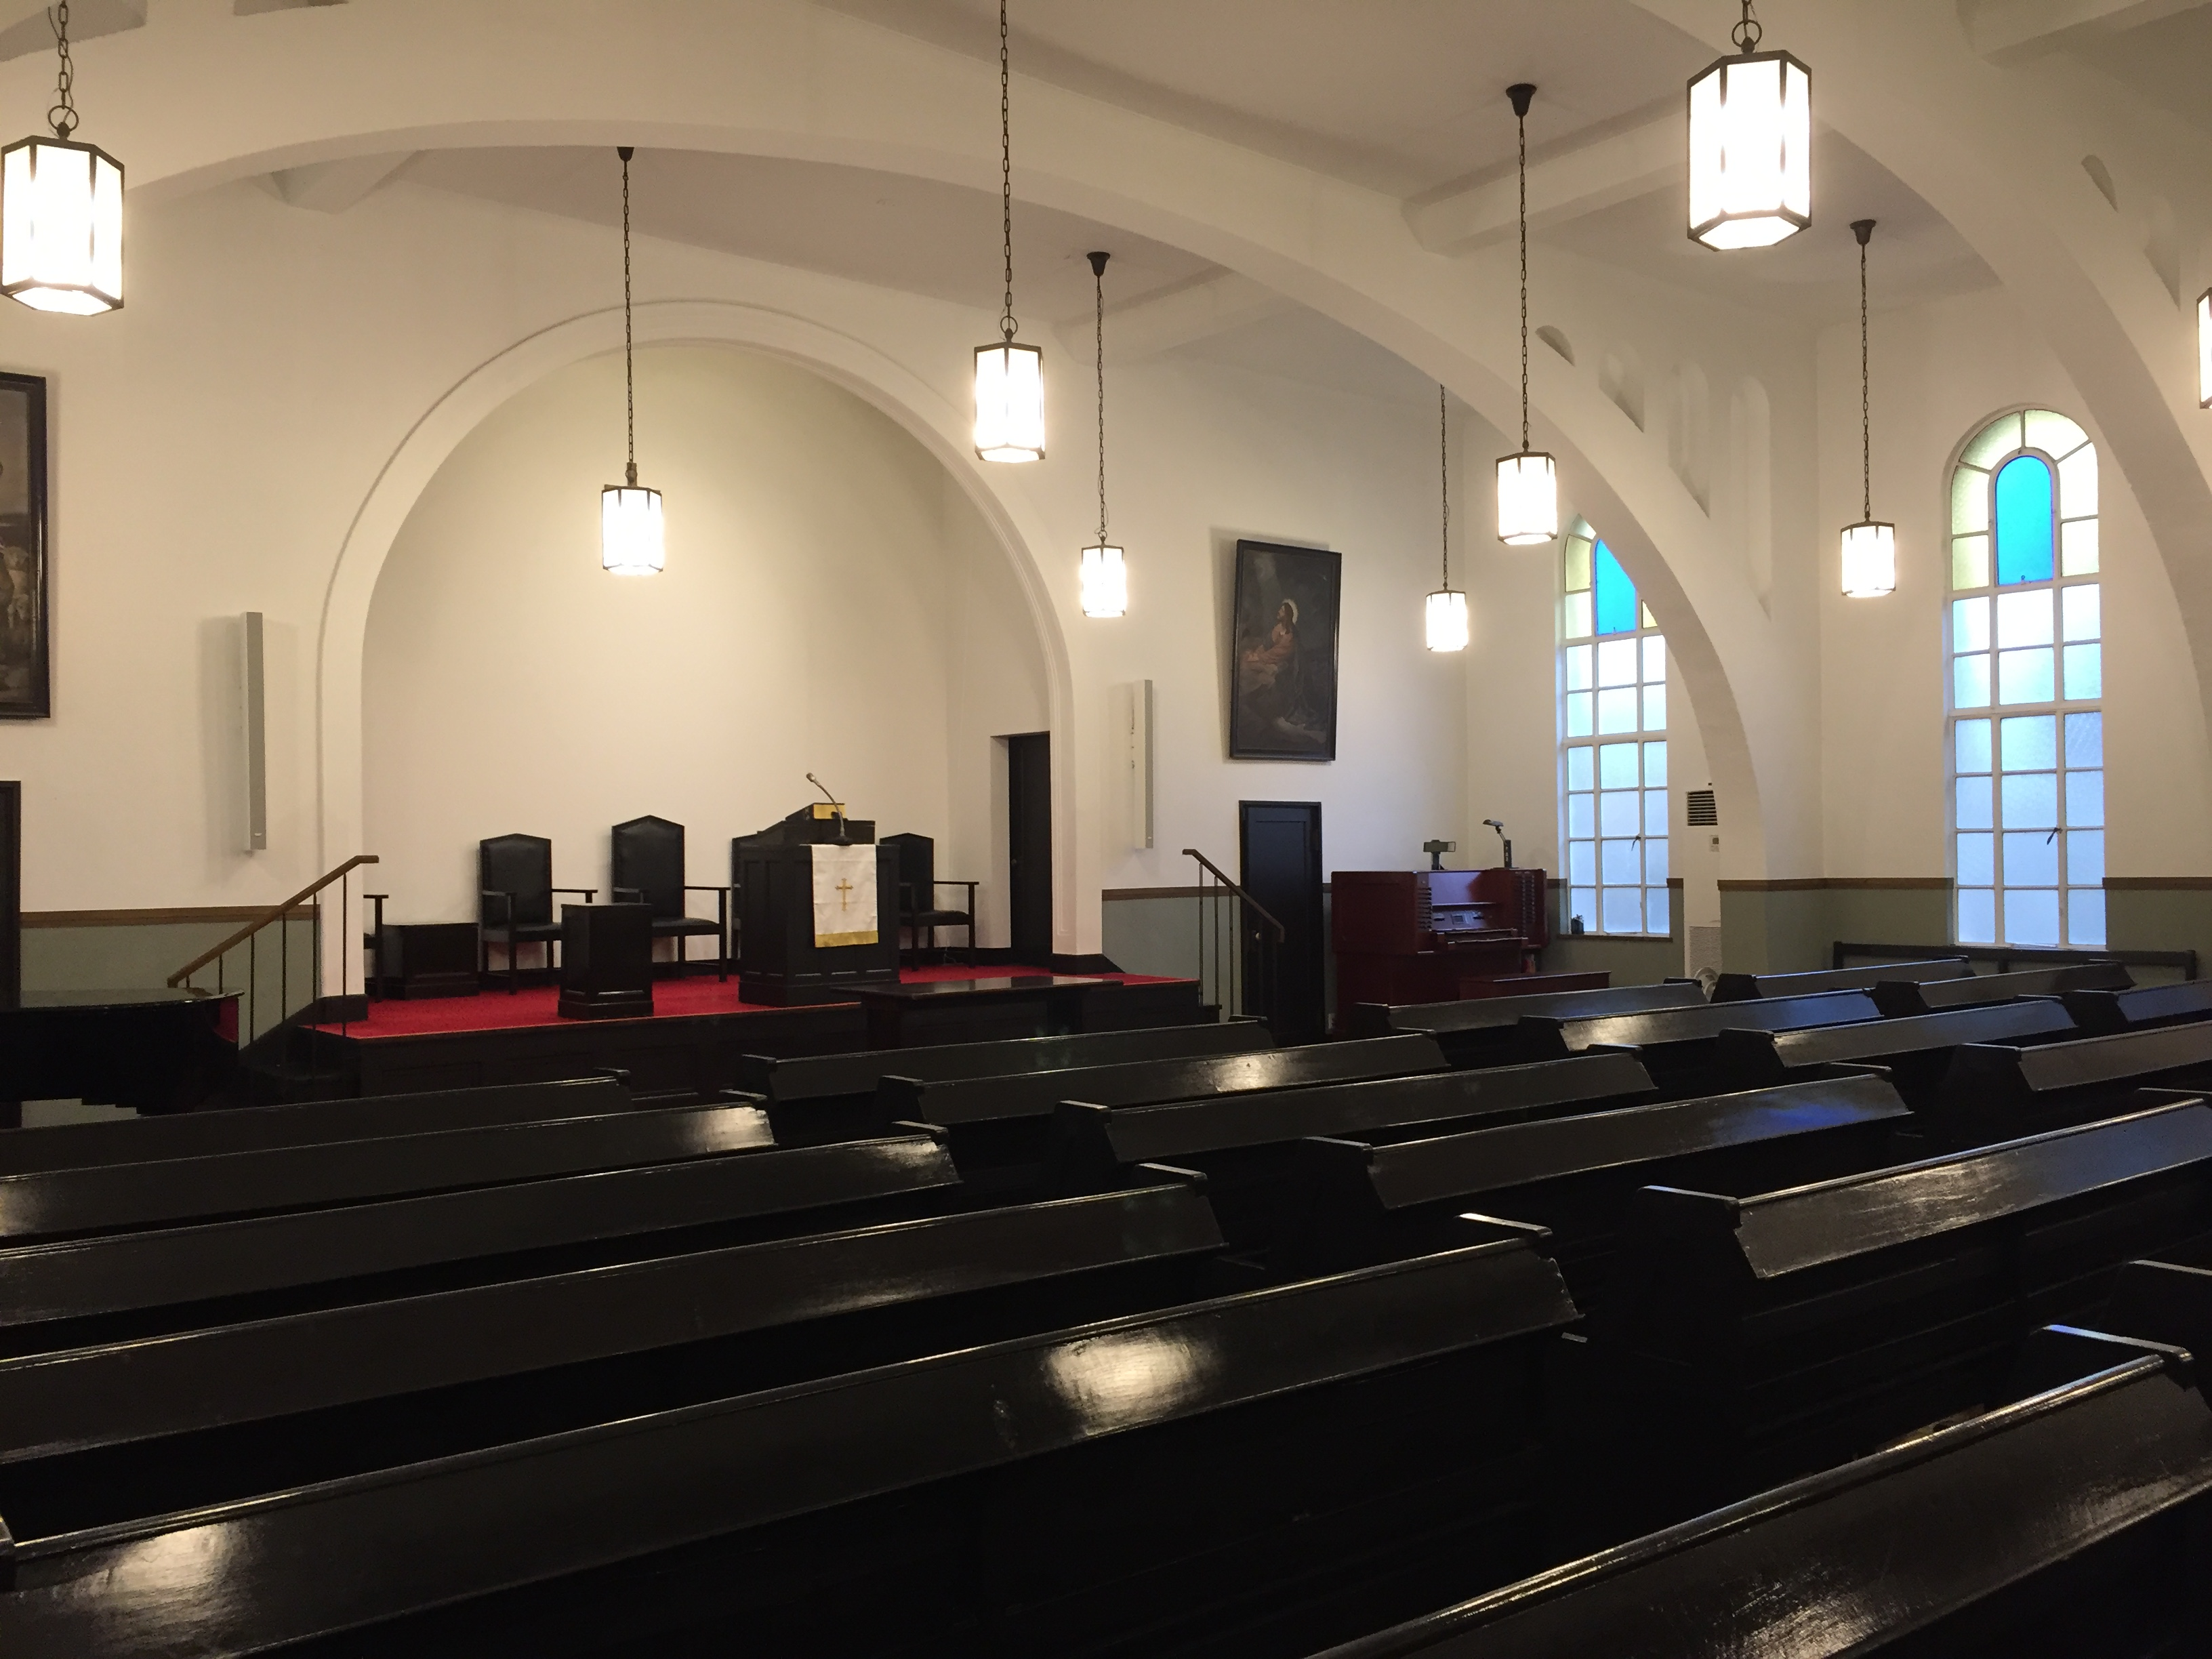 <p>二層楼的礼拝堂1</p>礼拝堂全景,有印象性的拱巻梁。